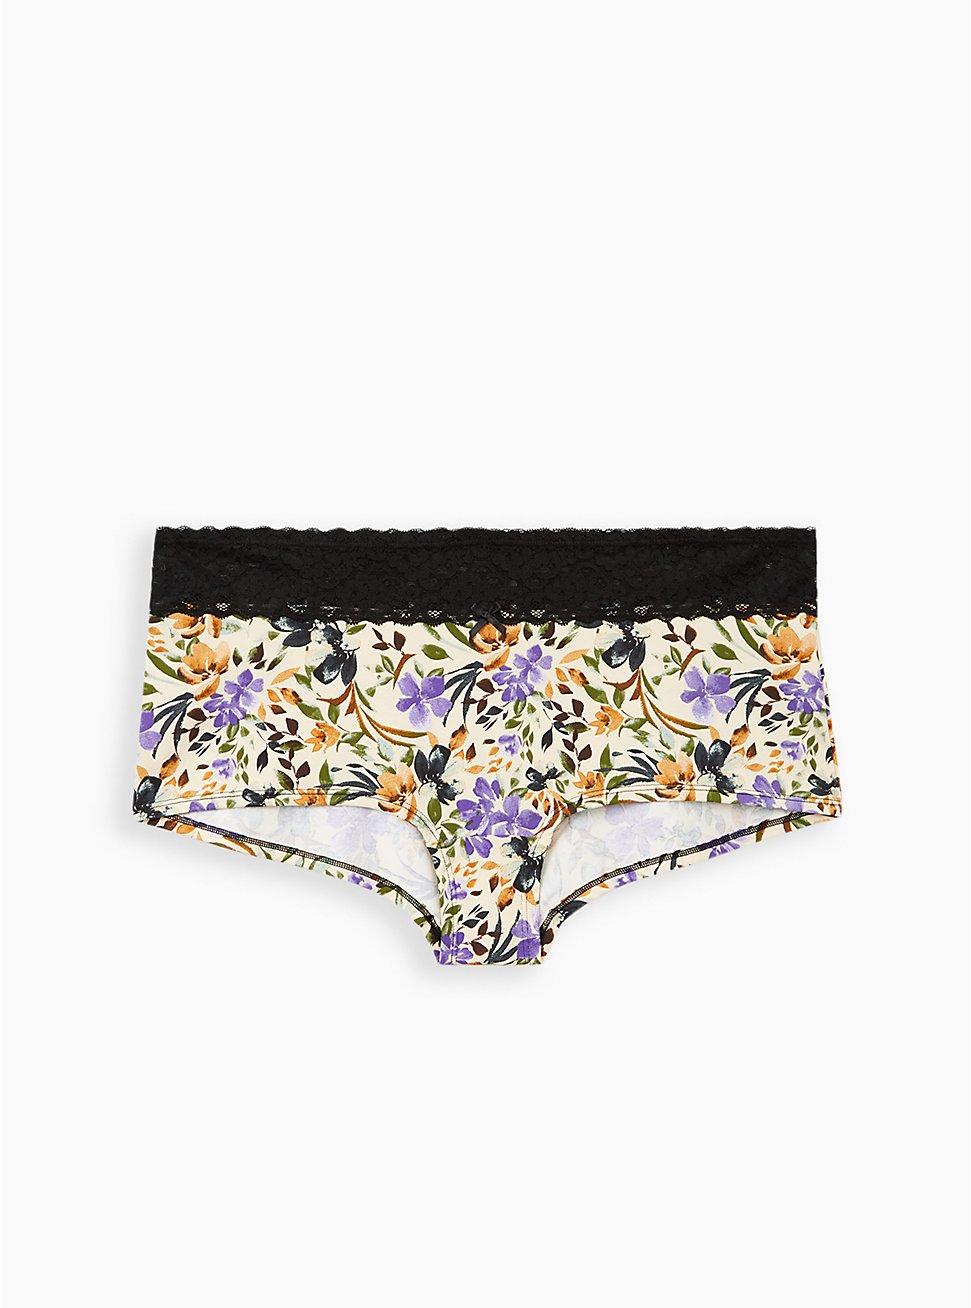 Wide Lace Trim Boyshort Panty - Cotton Multi Floral Blush, MULTI FORAL, hi-res